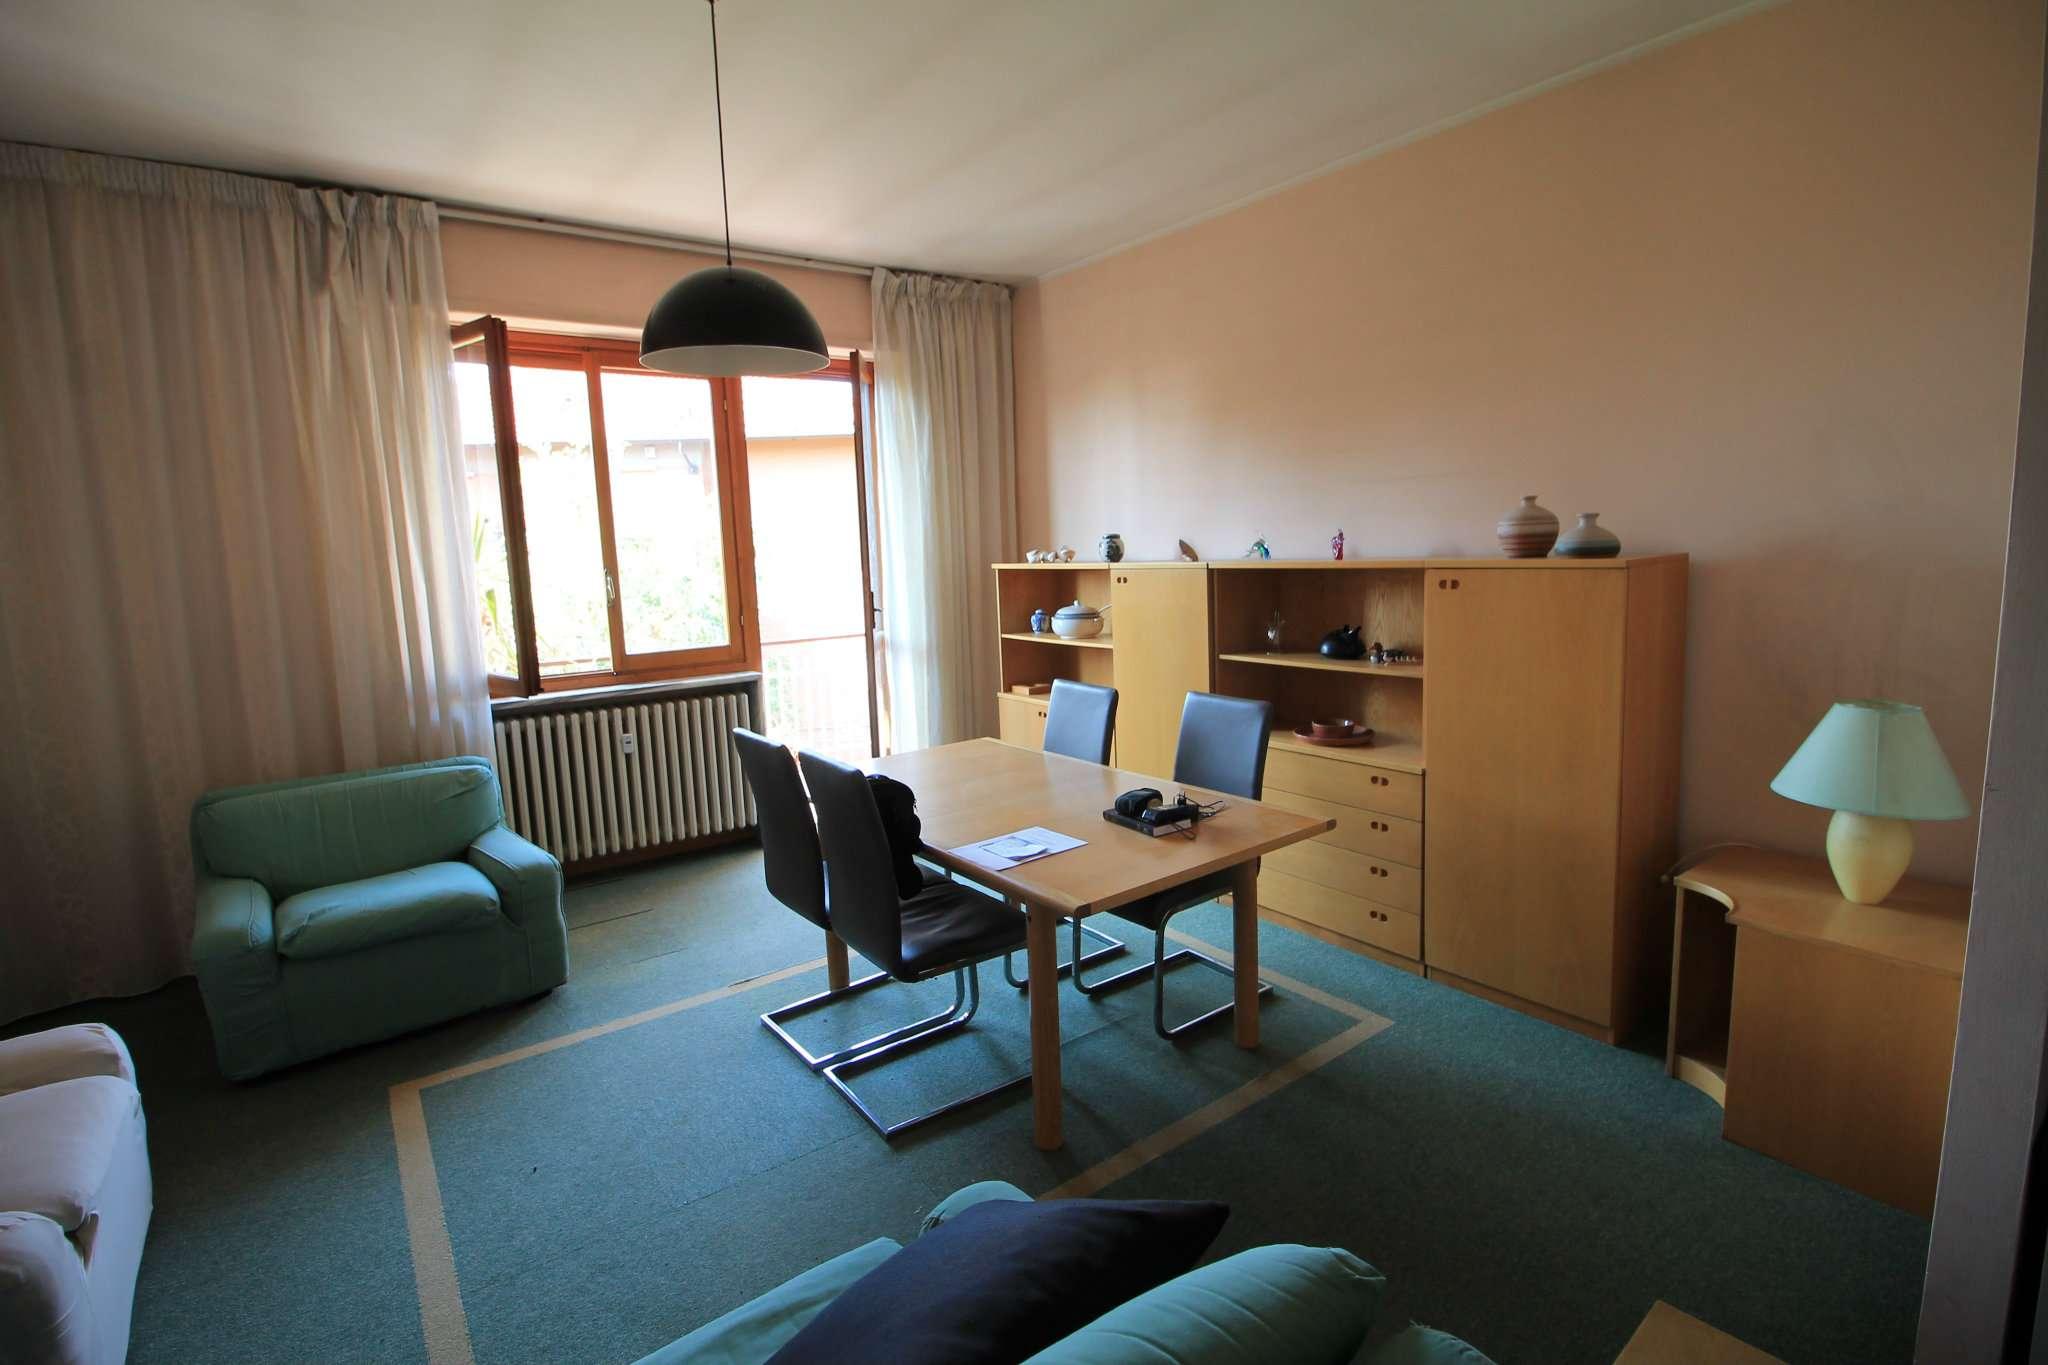 Appartamento in affitto a Pecetto Torinese, 4 locali, prezzo € 600   PortaleAgenzieImmobiliari.it